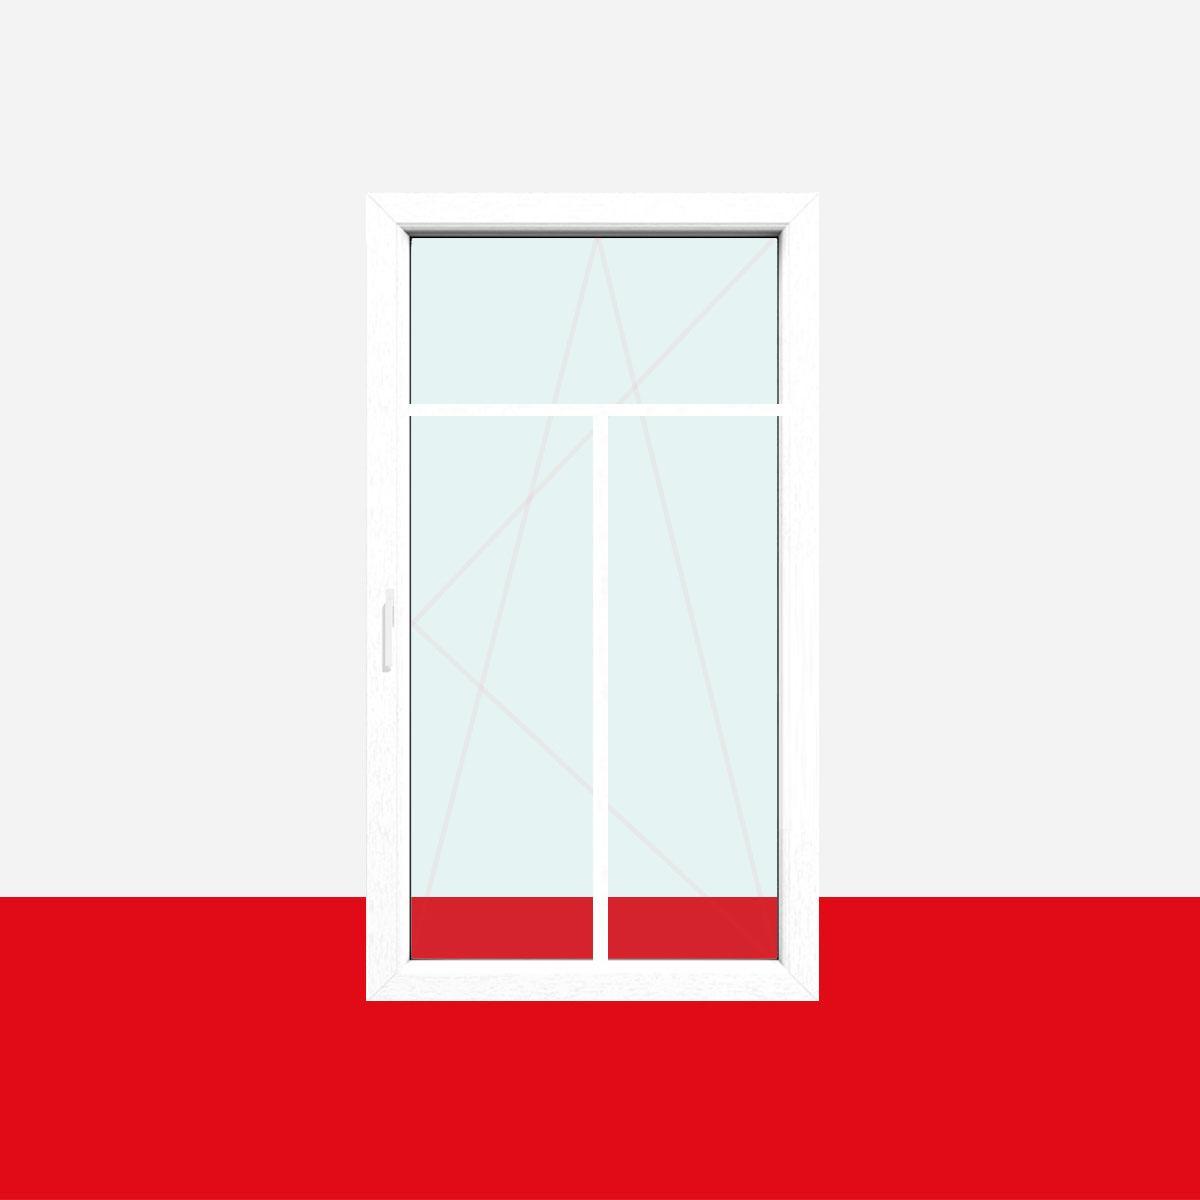 Sprossenfenster typ 3 felder wei 18mm t sprosse 1 flg for Kunststofffenster mit rolladen